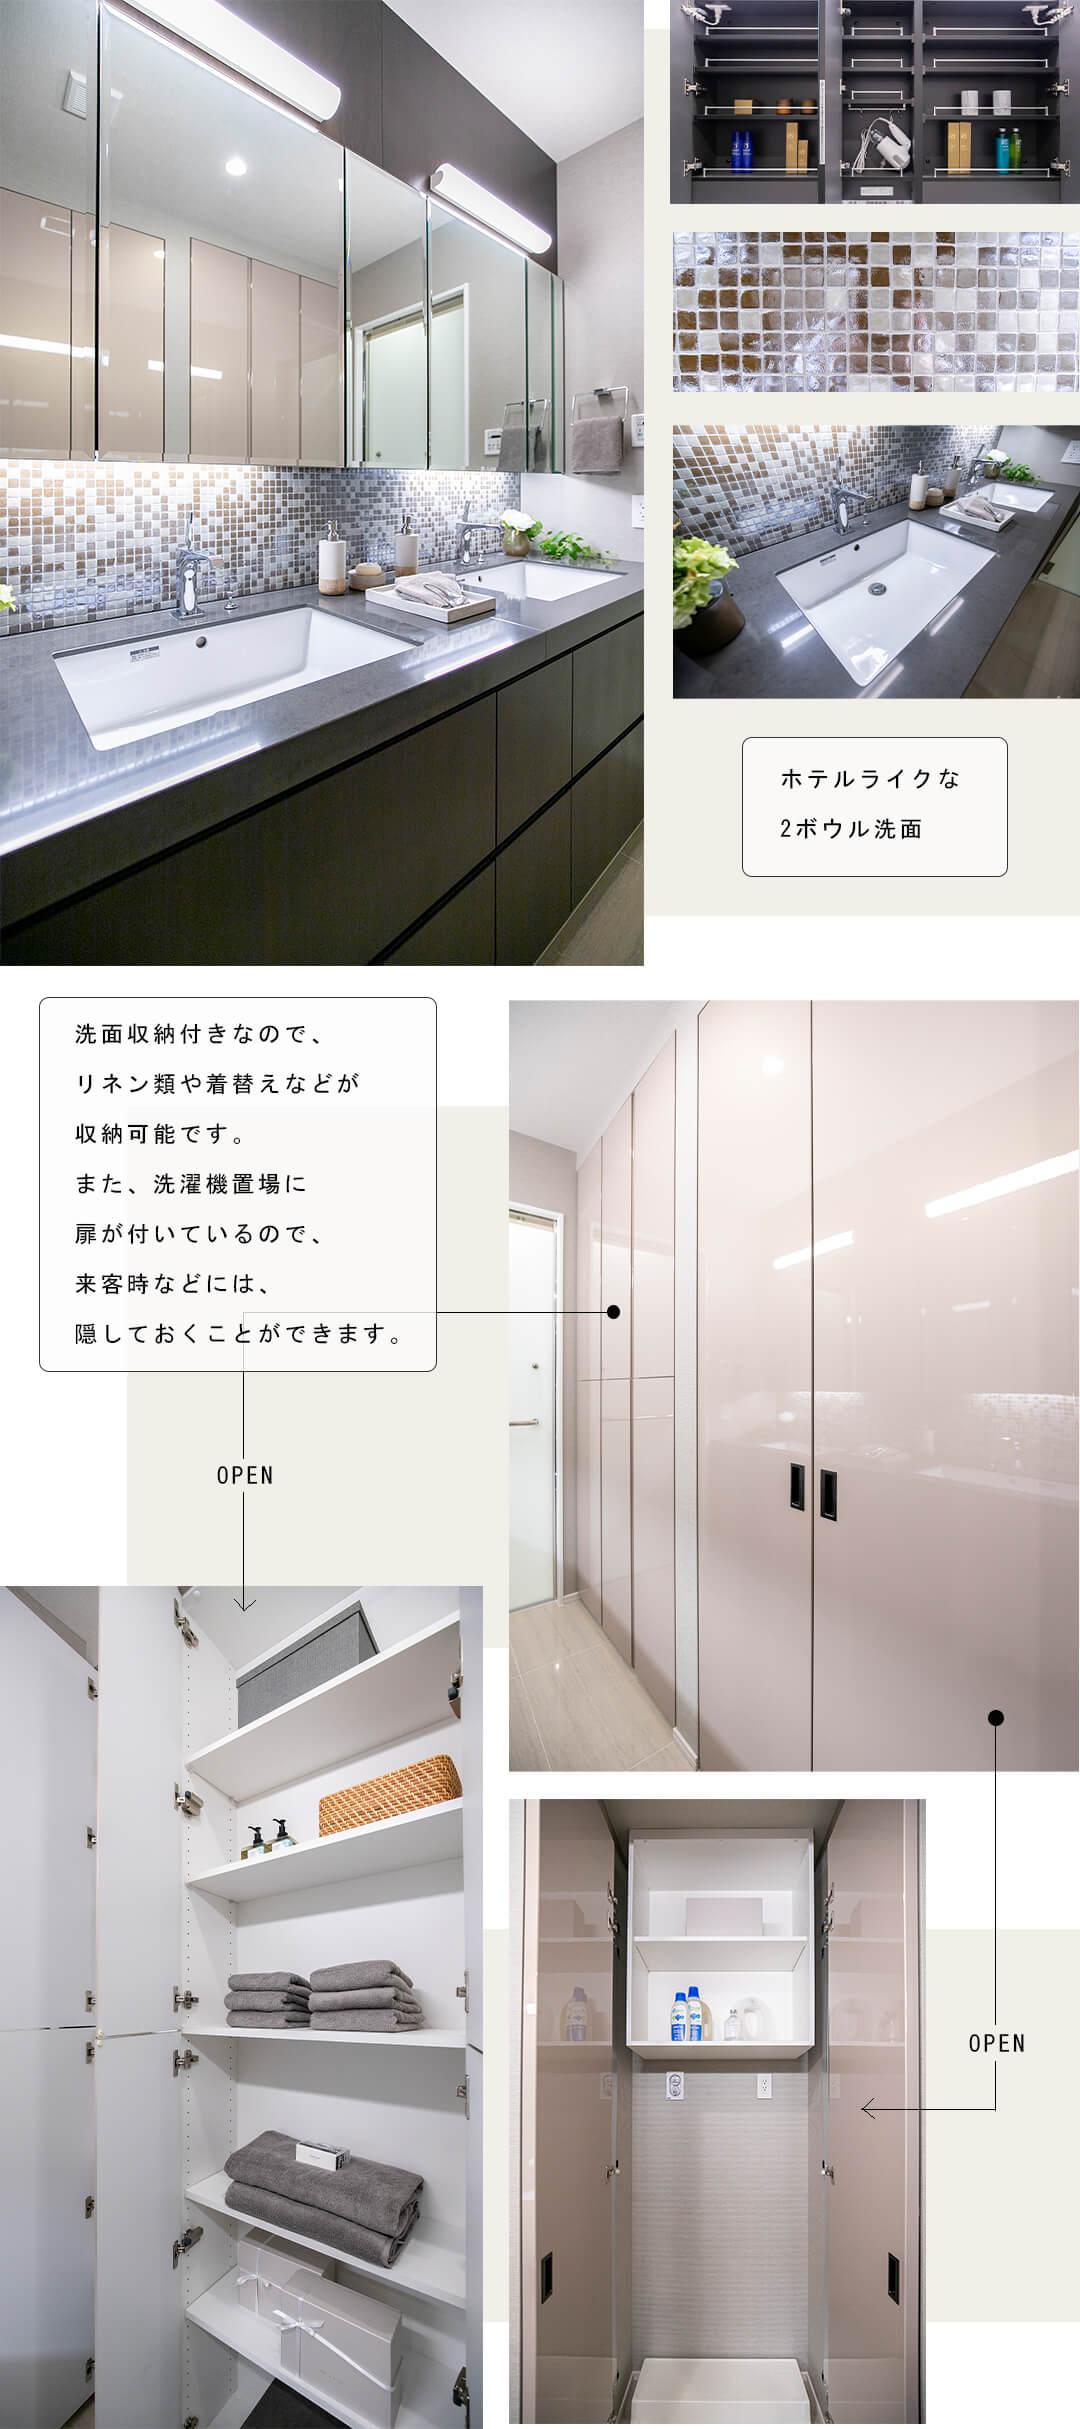 THE 千代田麹町 TOWERの洗面室